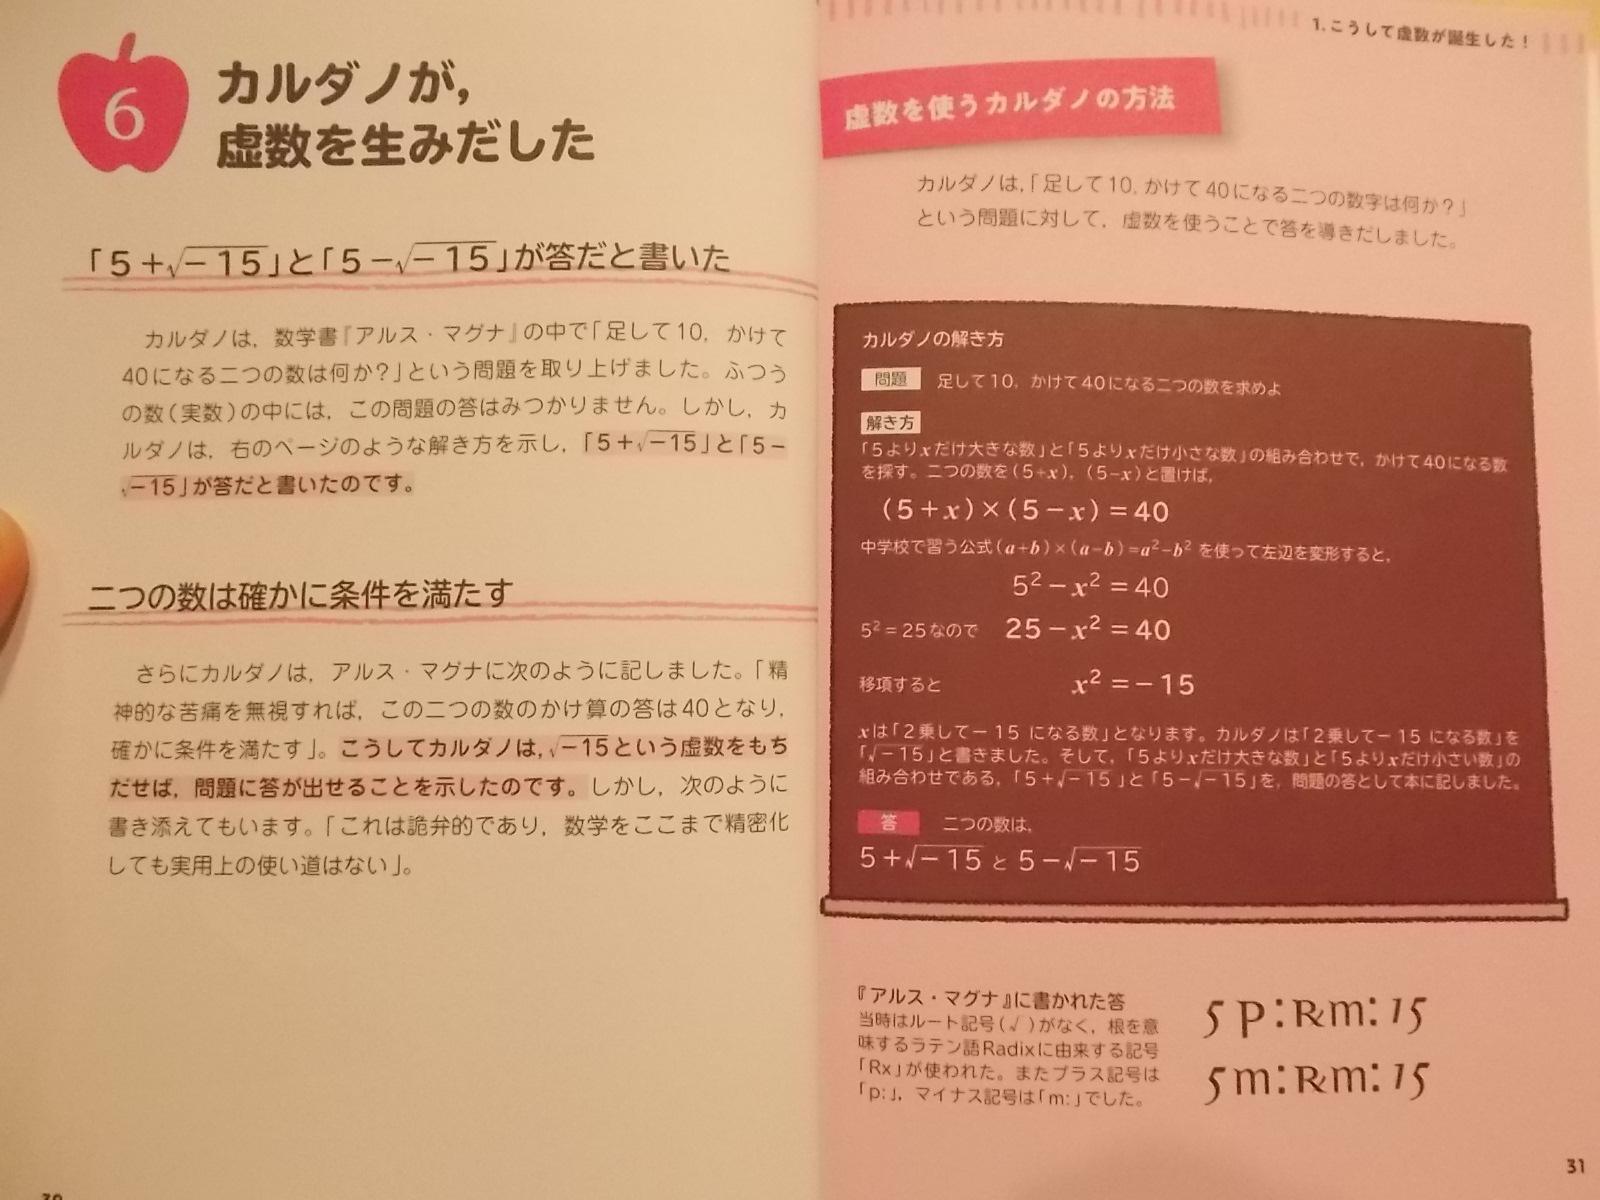 f:id:uta_stream:20200925211408j:plain